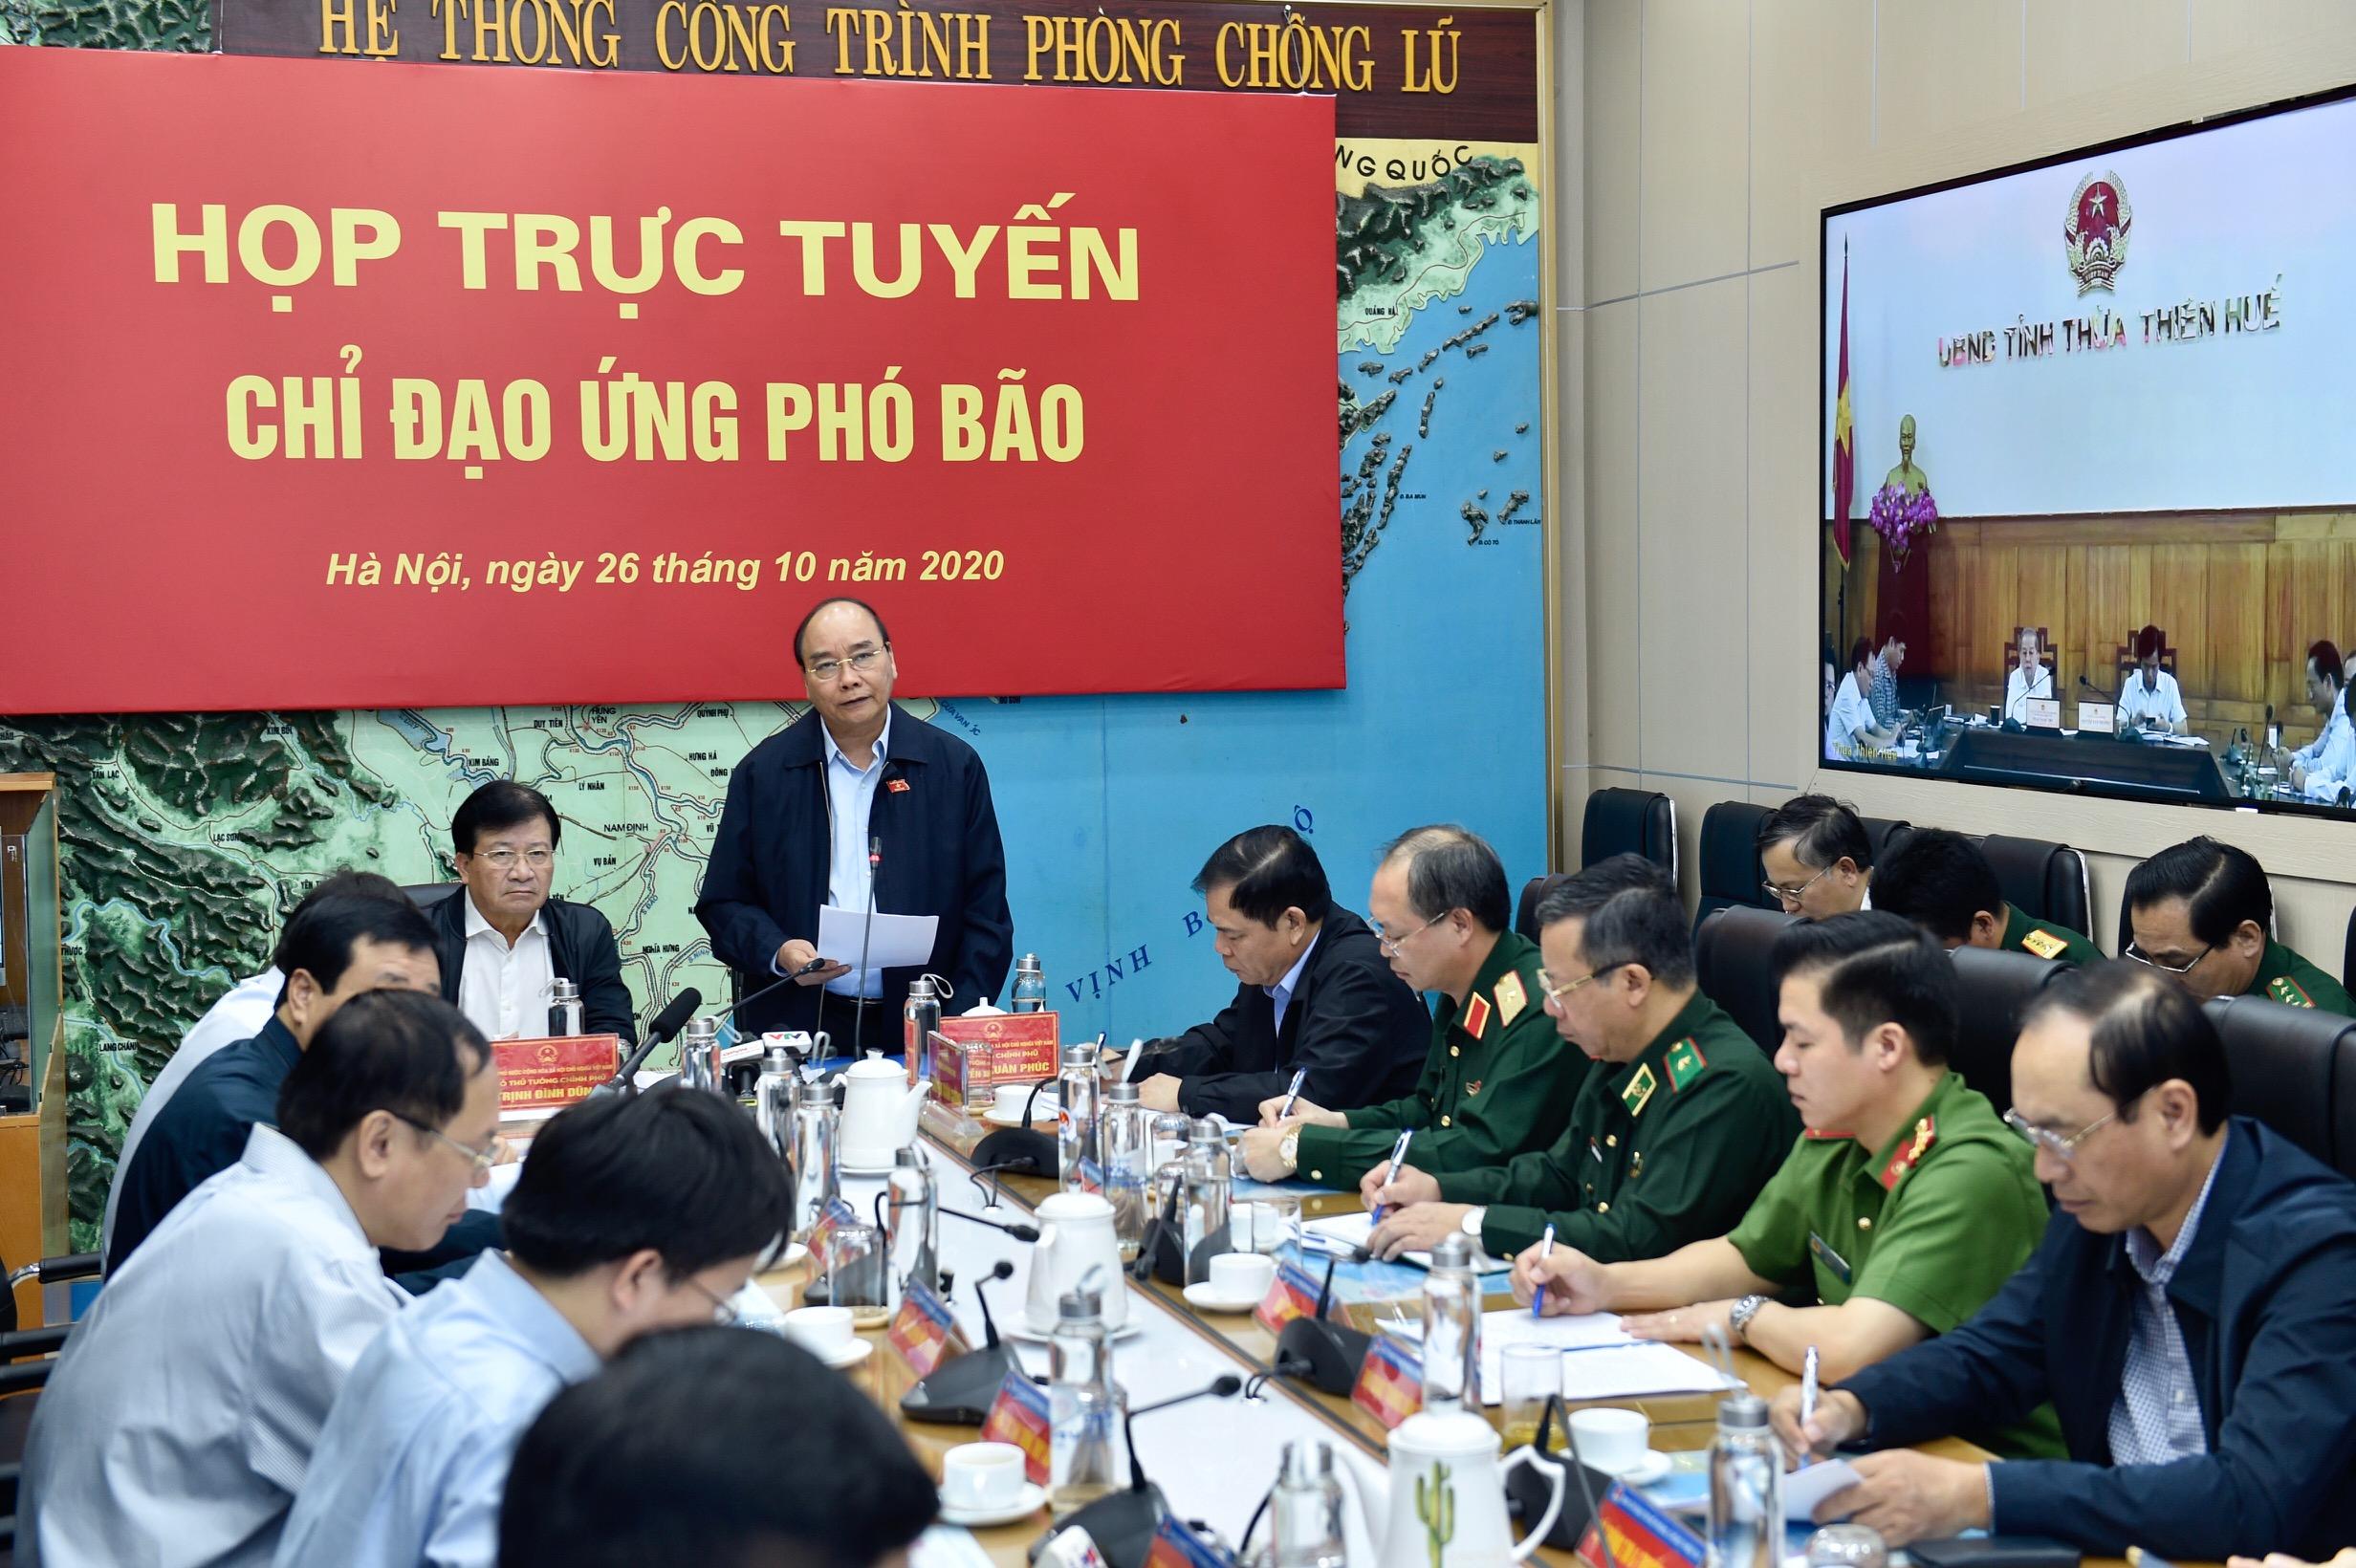 Bão số 9 mạnh đặc biệt, Thủ tướng họp khẩn với các địa phương